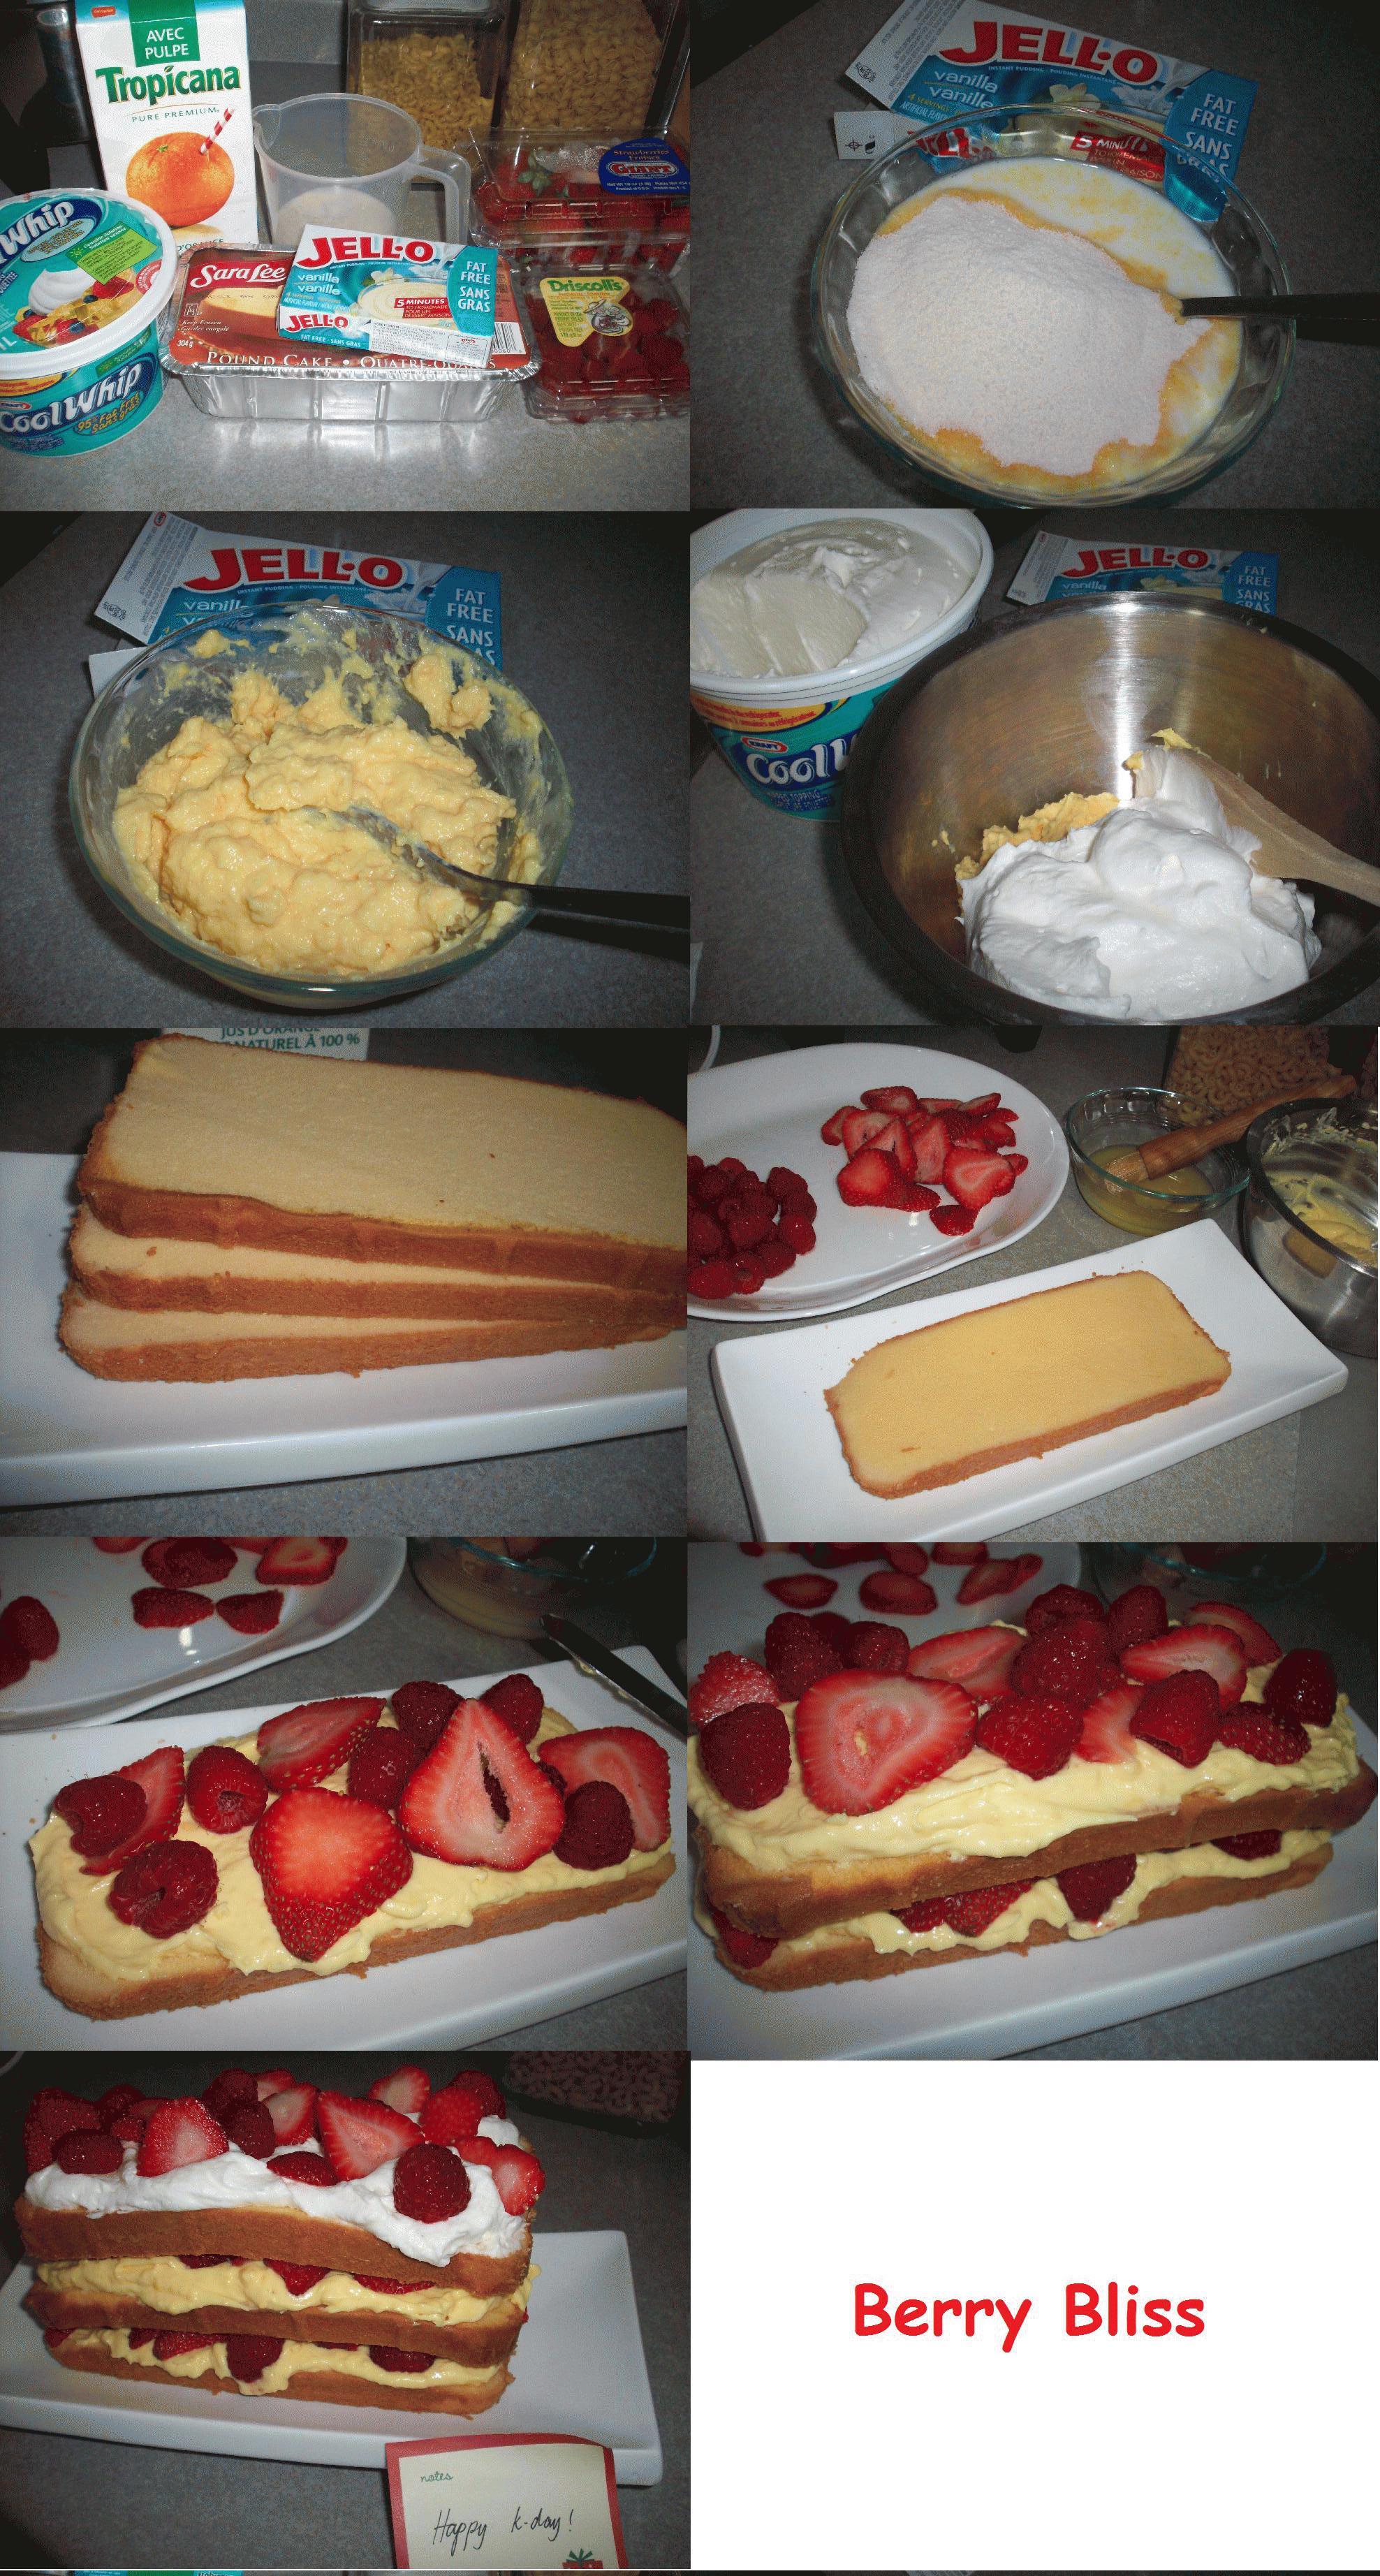 http://foodloader.net/cutie_2010-07-19_Berry_Bliss_Cake.jpg